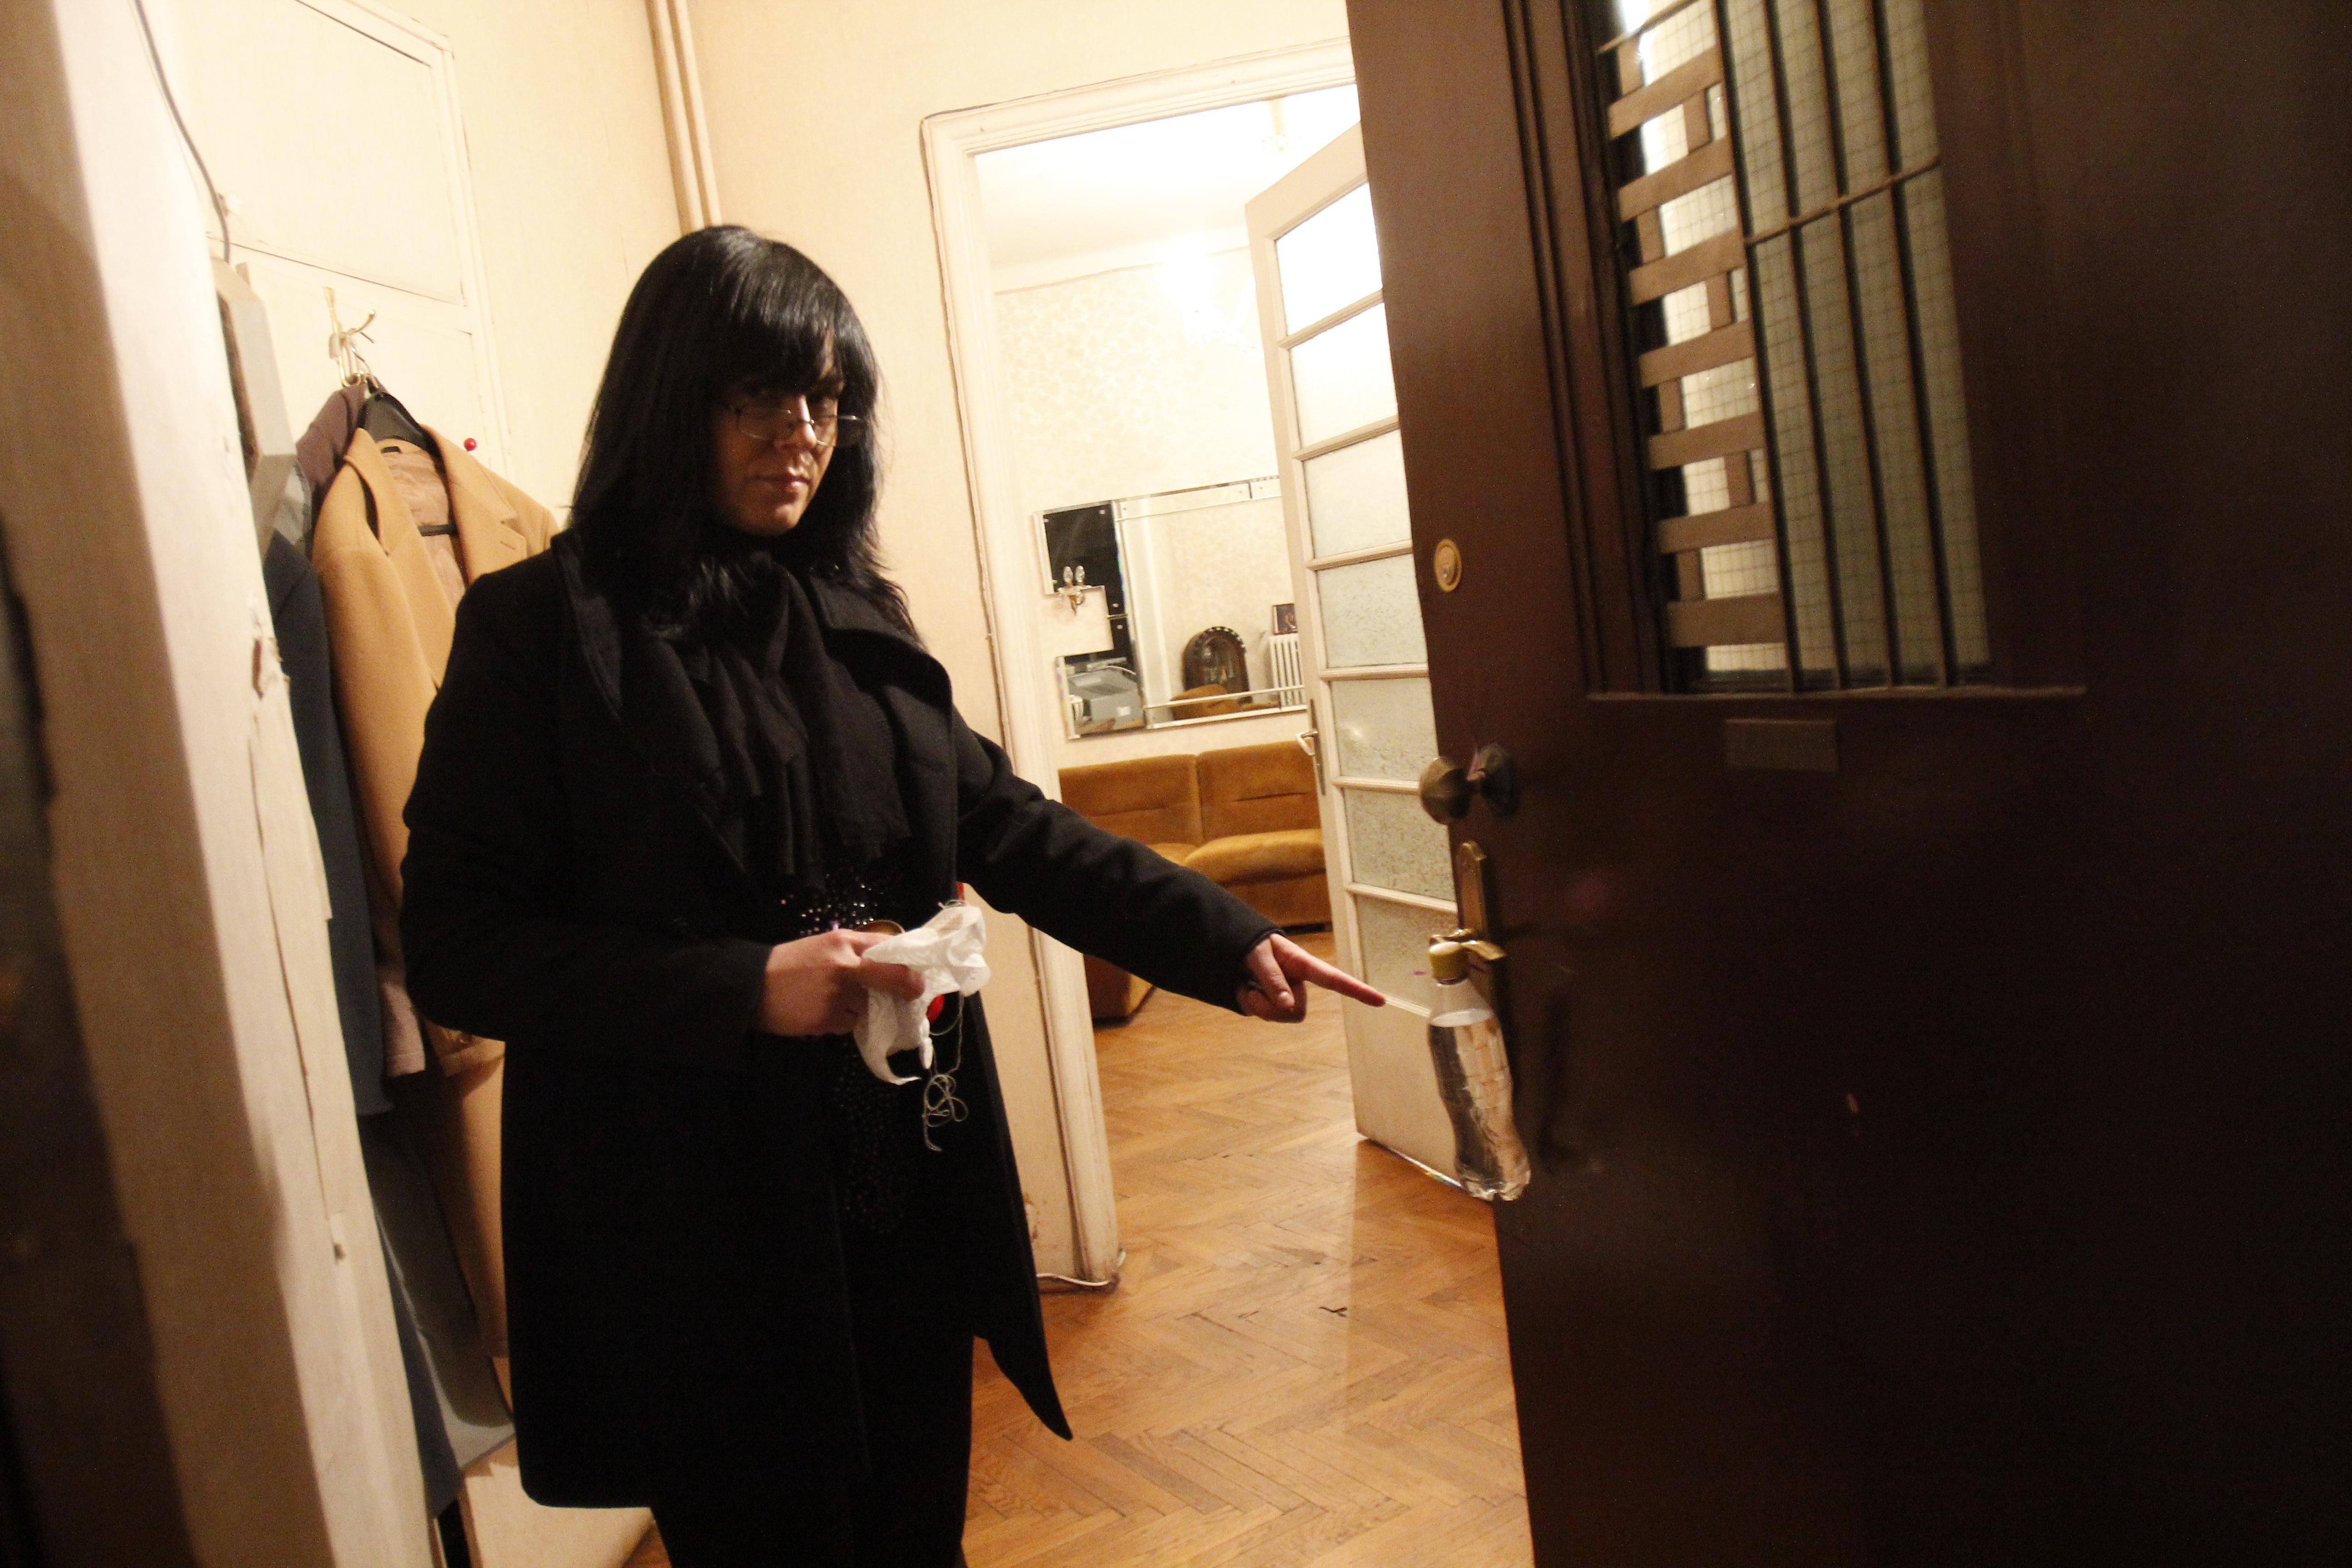 Dupa lumanari, fosta sotie a lui Moculescu a gasit la usa si o sticla cu un lichid ciudat inauntru